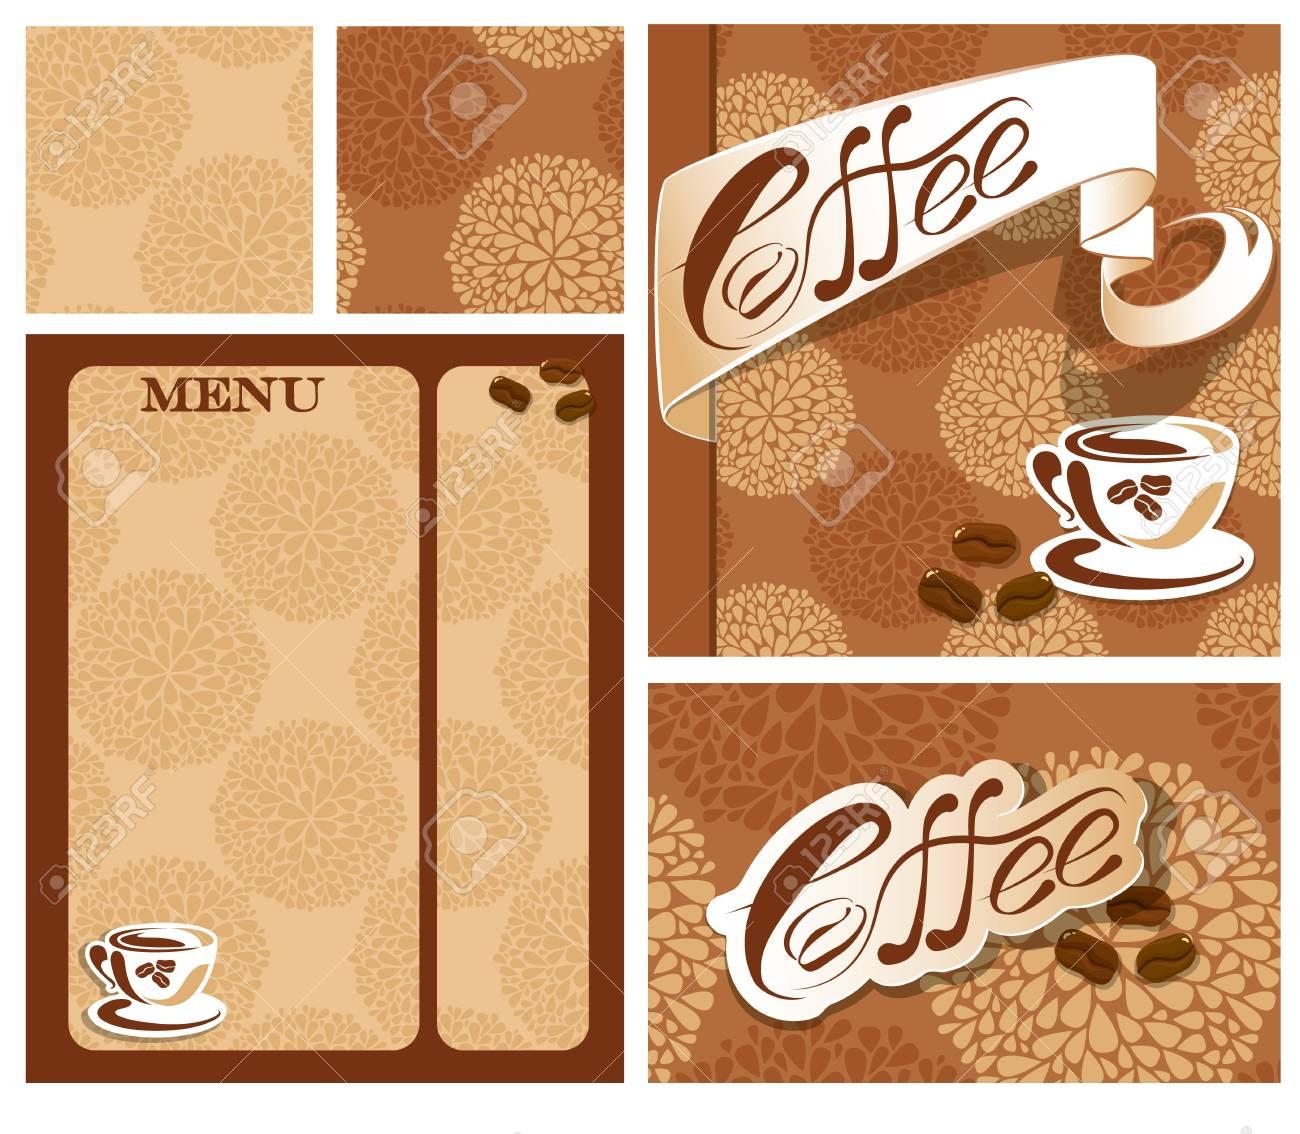 Dessins Modele De Menu Et Carte Visite Pour La Maison Cafe Avec Tasse Les Haricots Le Texte Calligraphique Contexte Restaurant